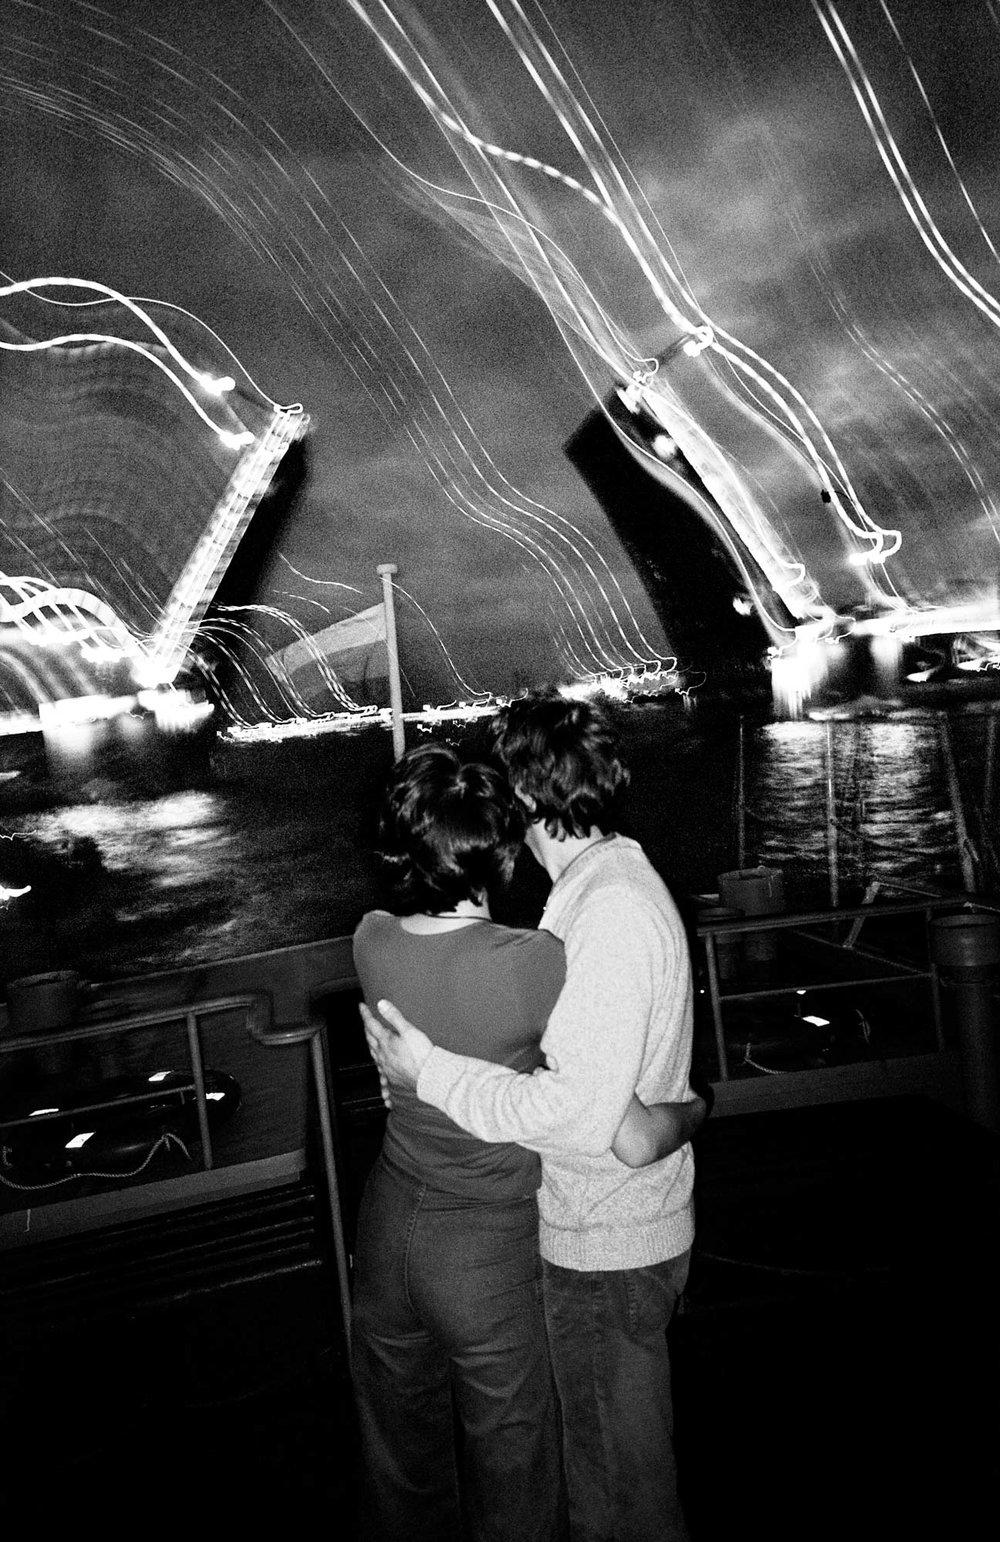 Un couple sur le pont d'un petit bateau lors d'une fête. Saint-Petersbourg, Russie, 2003.